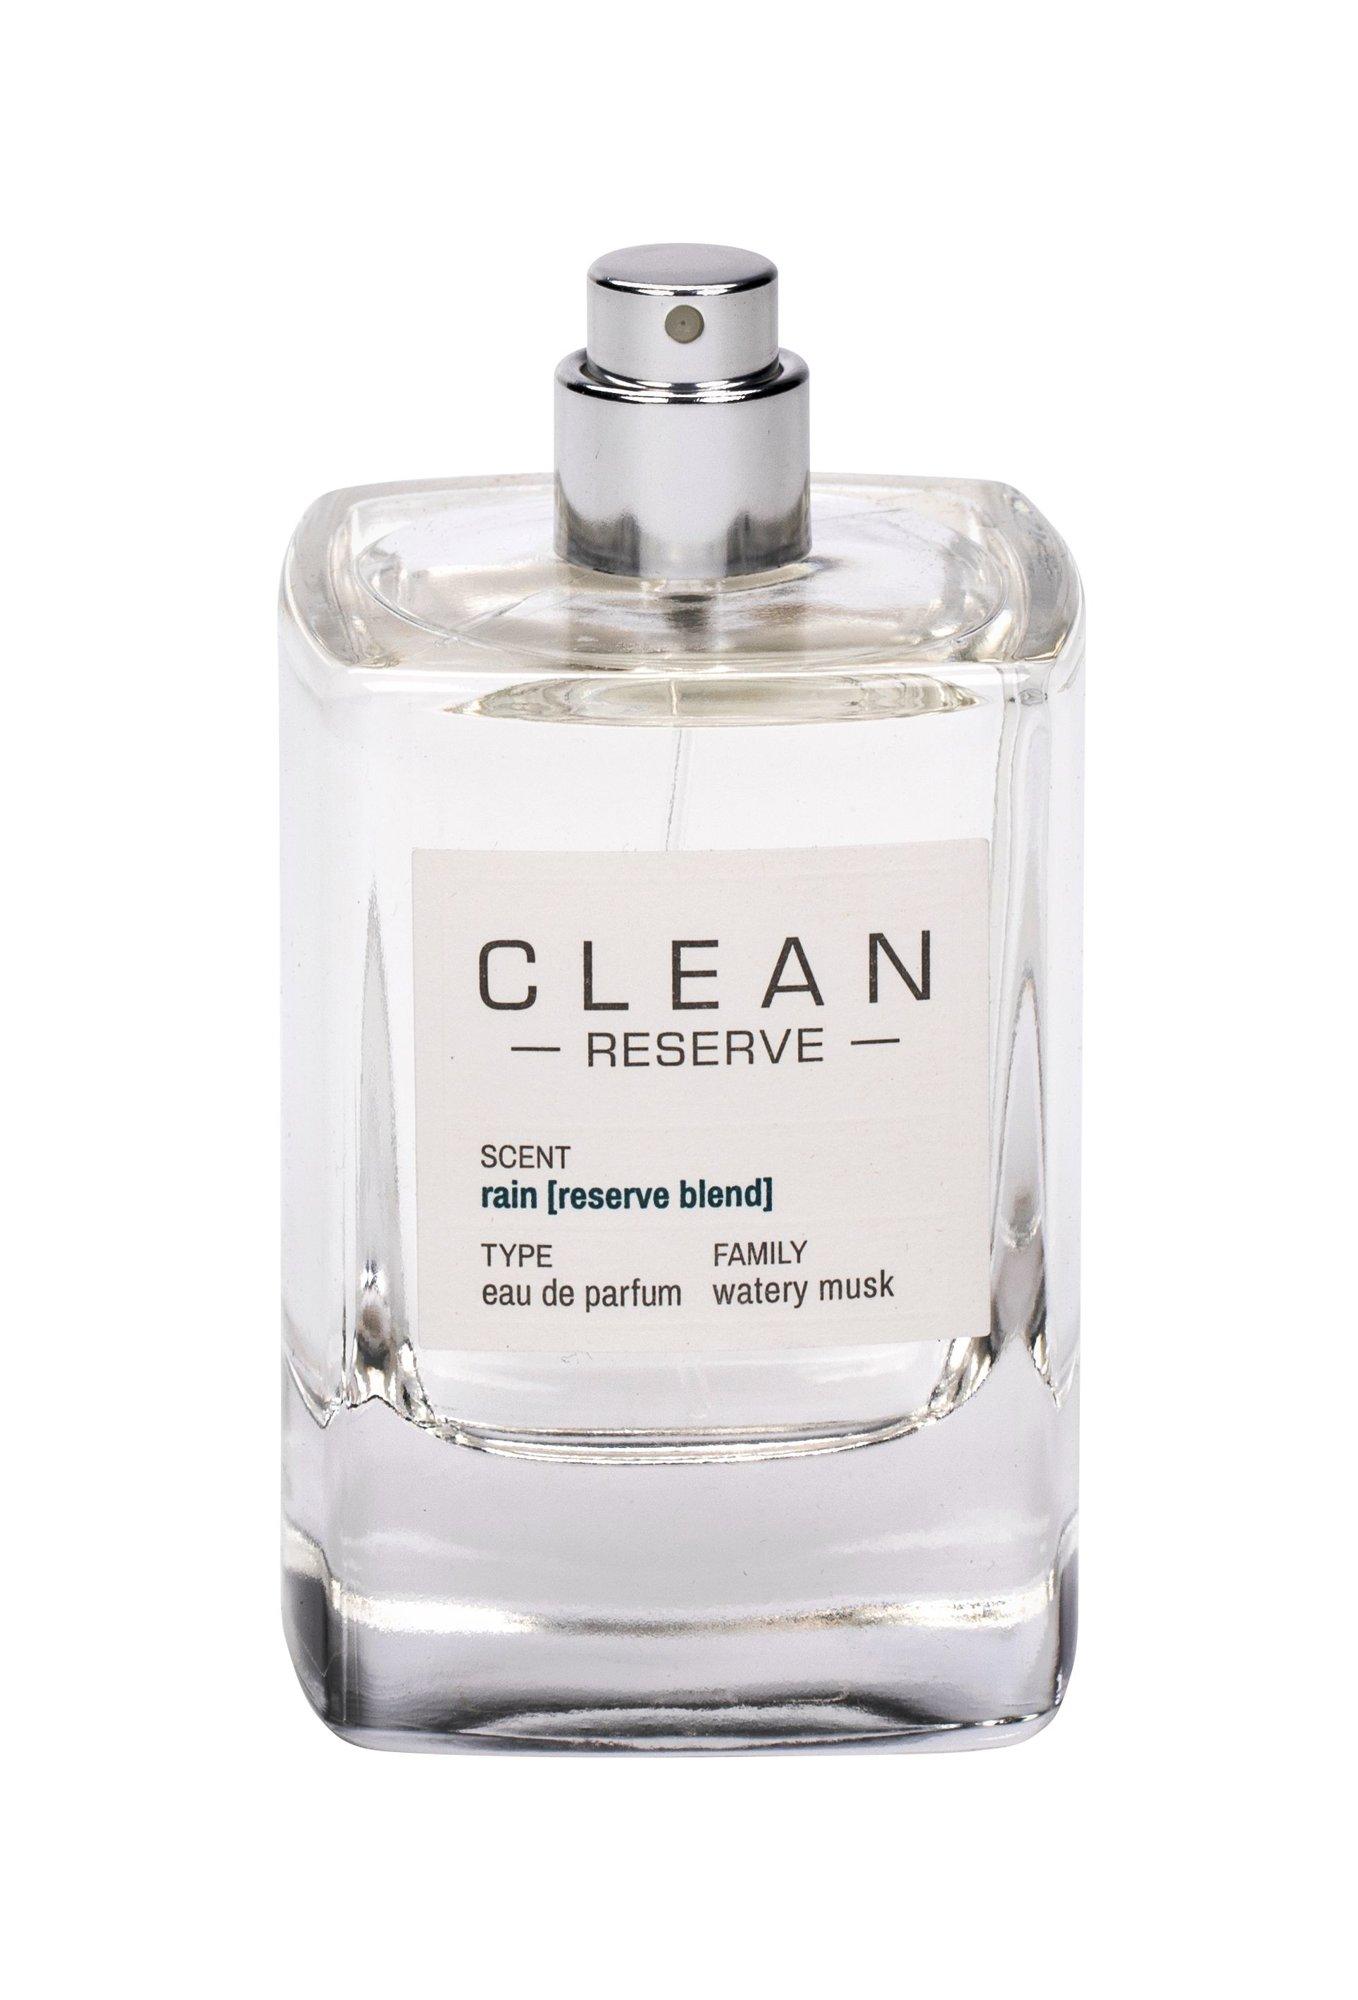 Clean Clean Reserve Collection Eau de Parfum 100ml  Rain